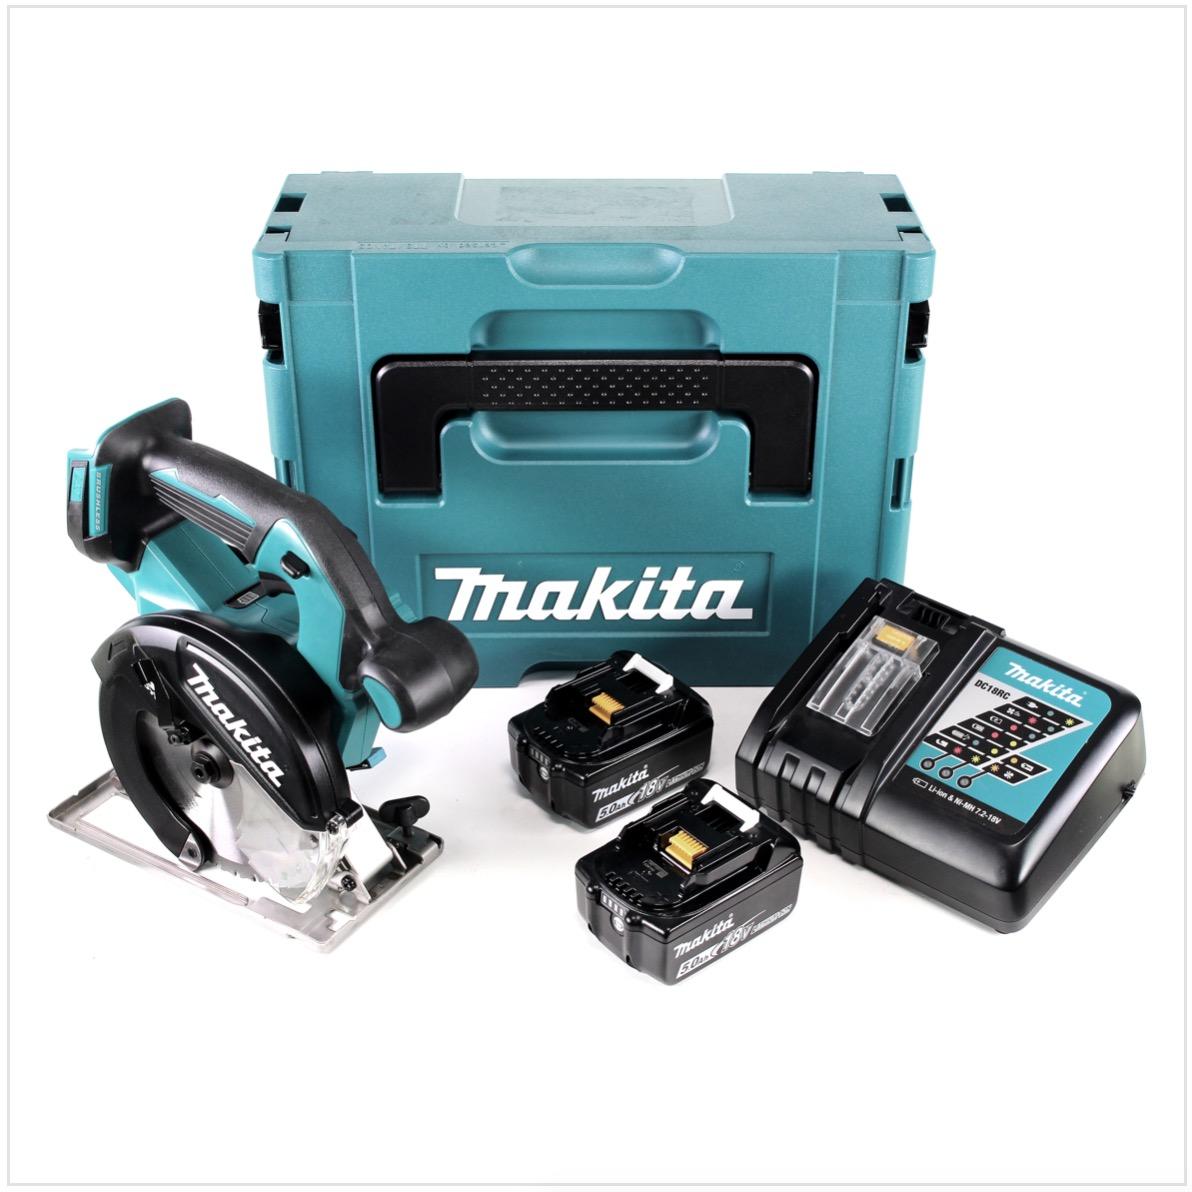 Makita DCS551RTJ Akku-Metallhandkreissäge 18V Brushless 150mm + 2x Akku 5,0Ah + Ladegerät + Koffer